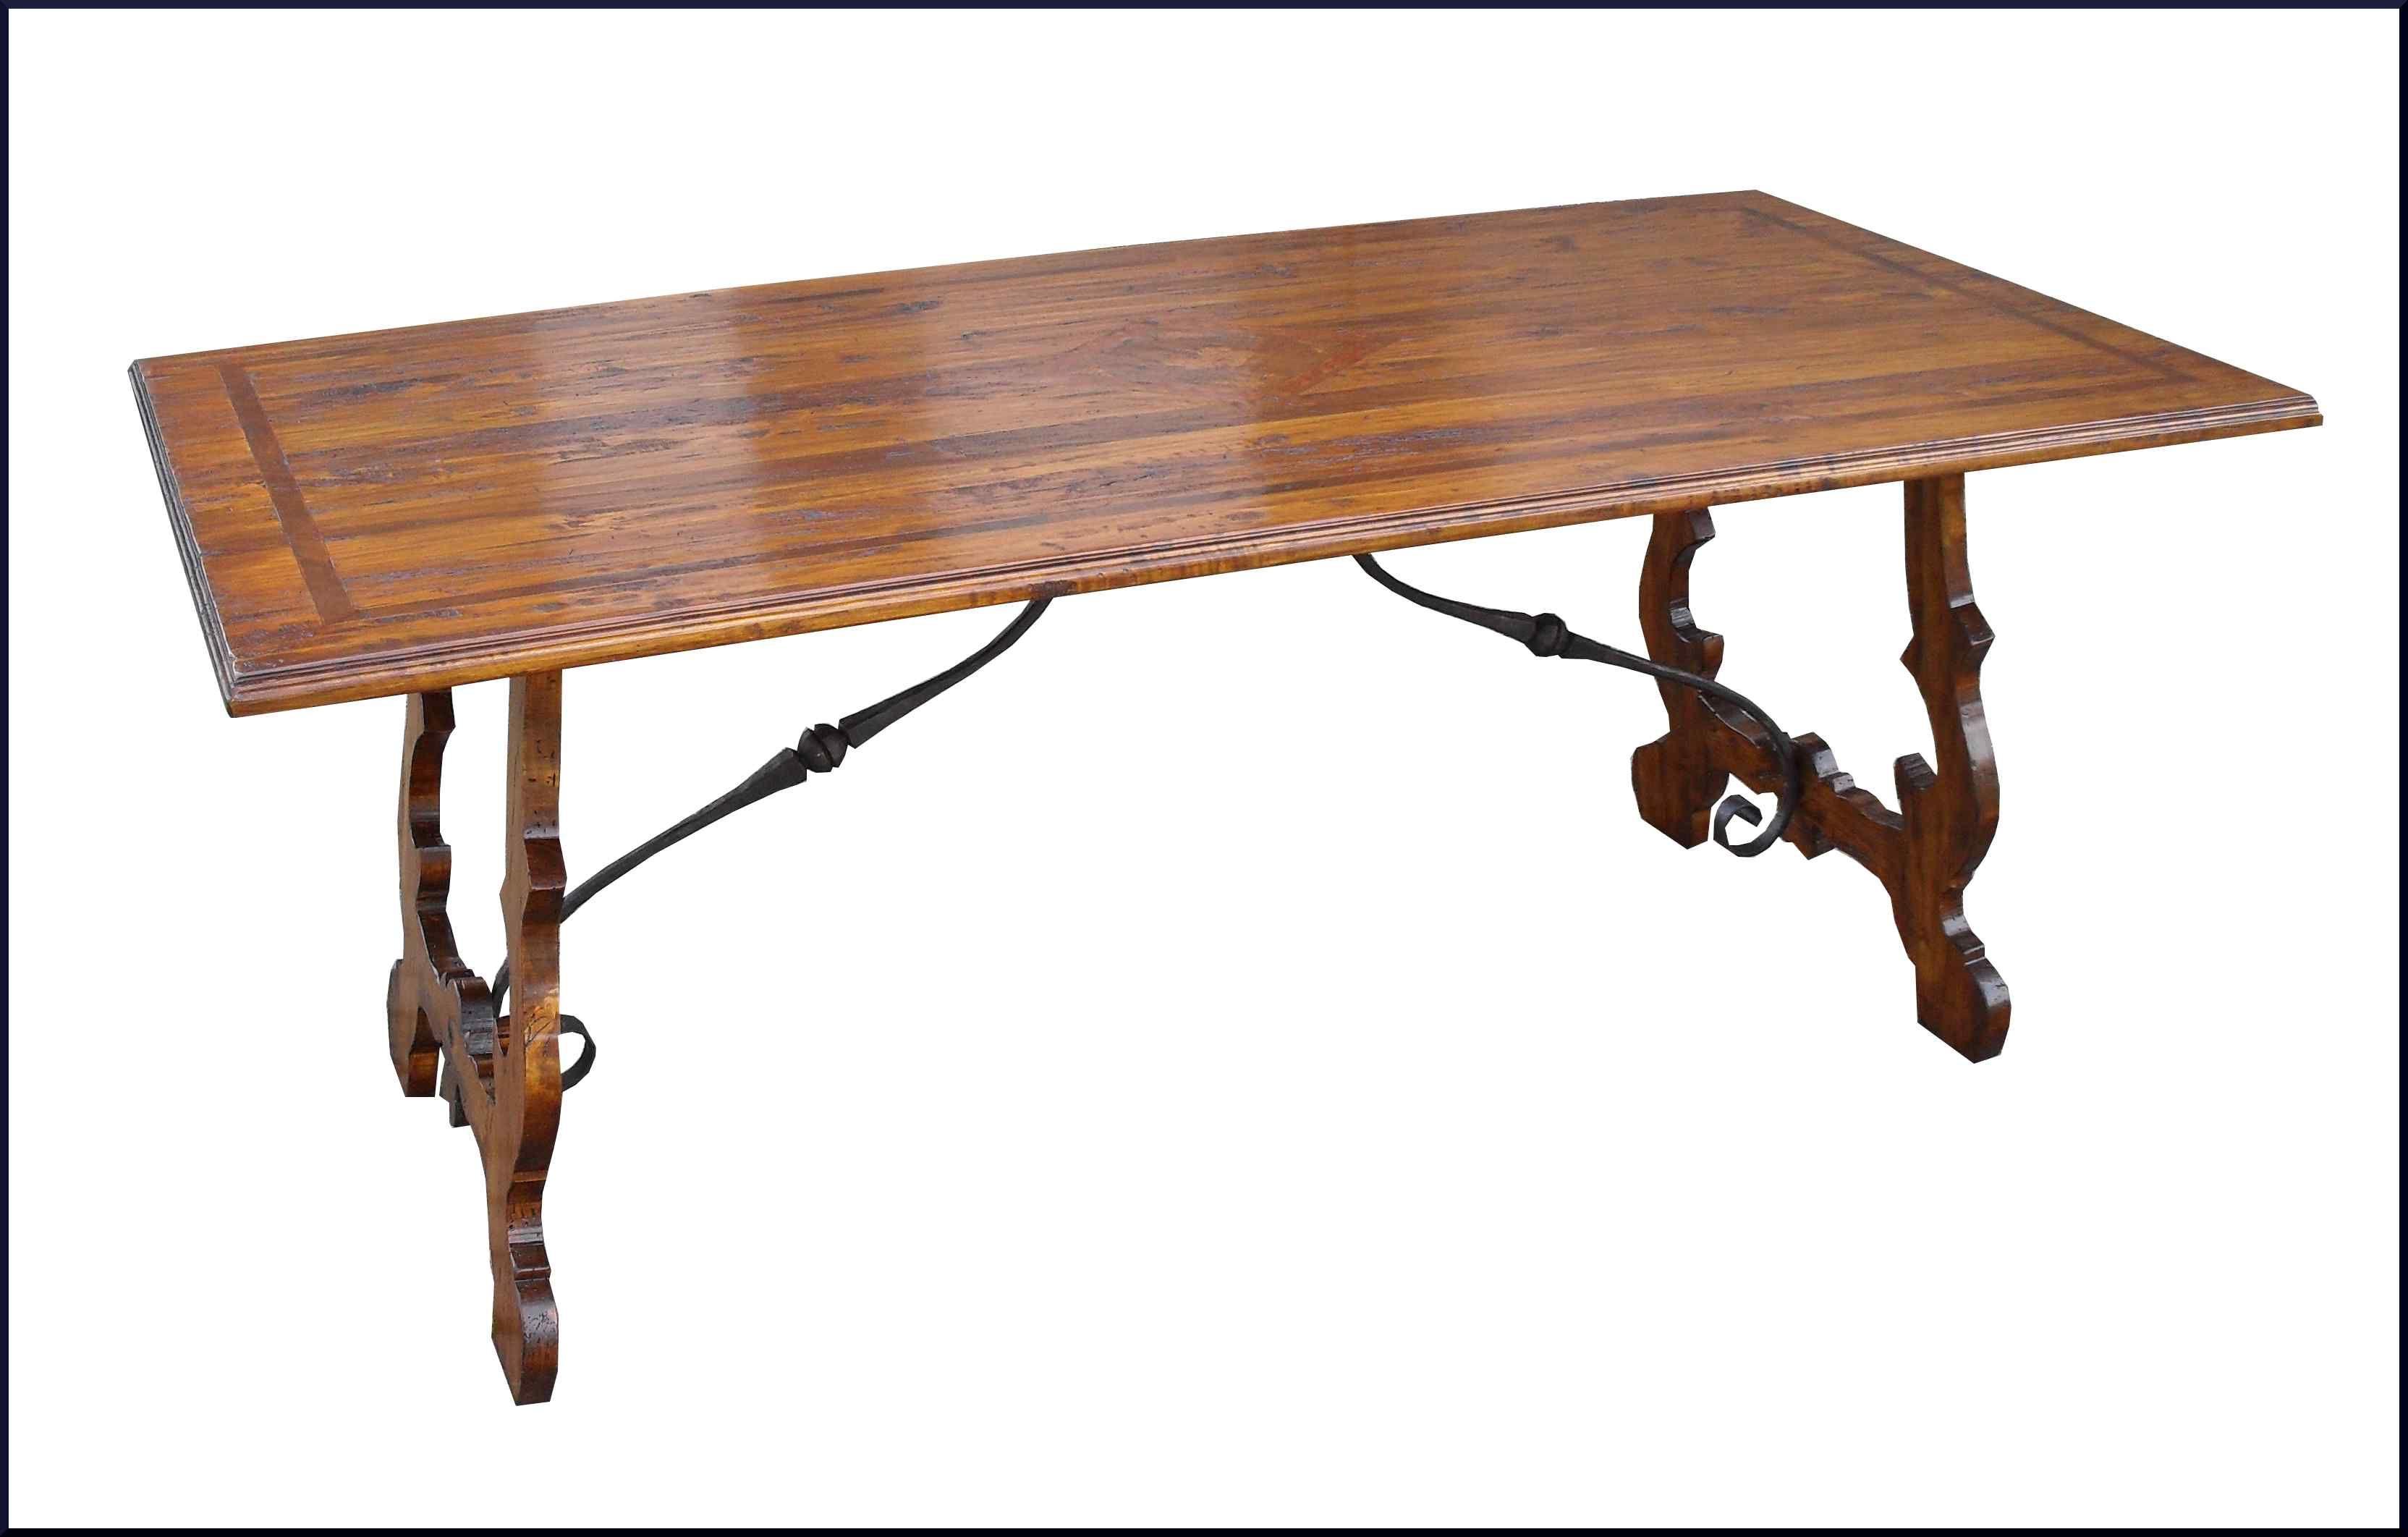 Tavolo fratino stile 700 con ferri mobili antichi e d for Decorazione giardini stile 700